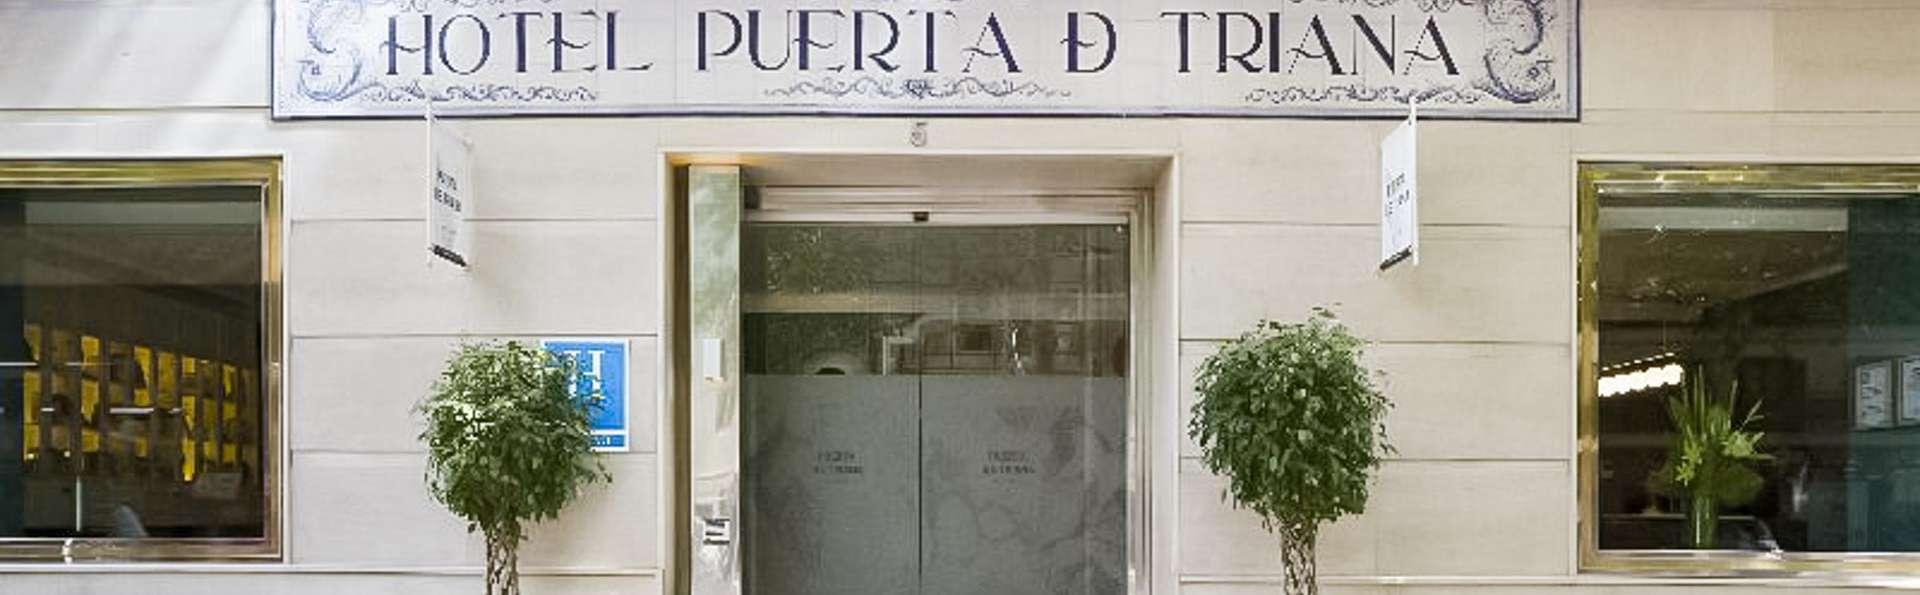 Petit Palace Puerta de Triana - EDIT_FRONT_04.jpg